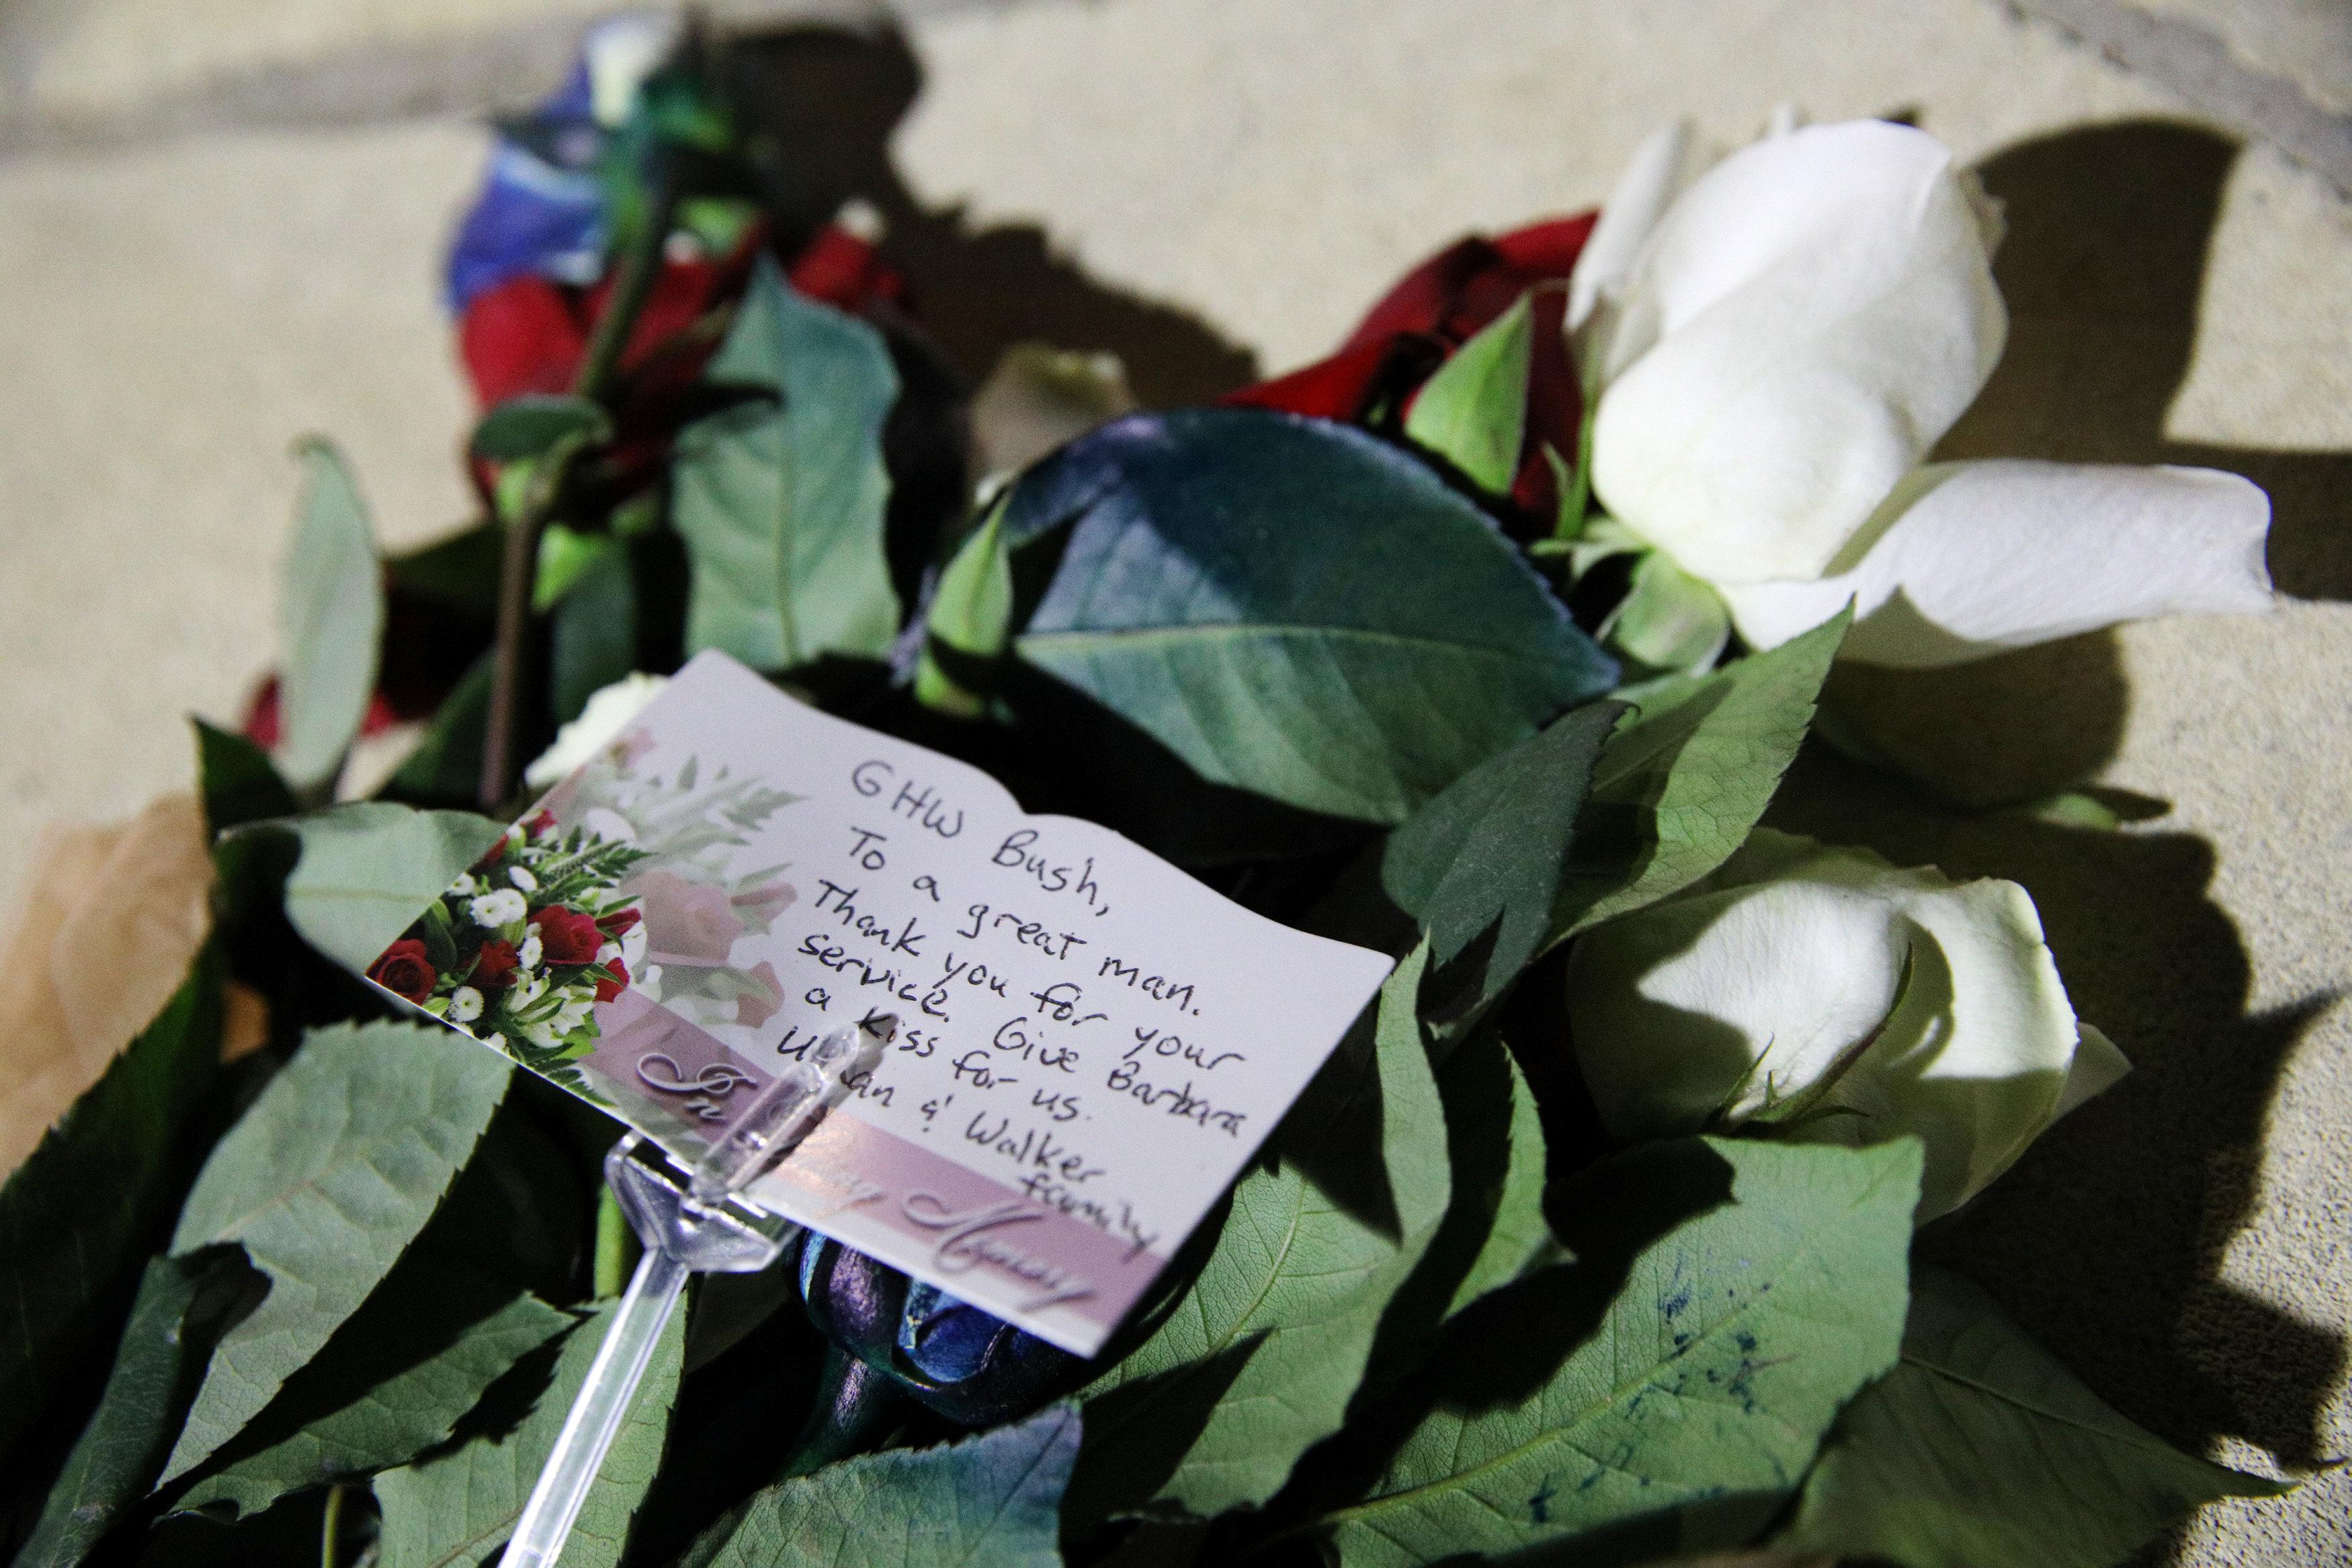 وضع الورود والشموع أمام النصب التذكارى لجورج بوش (1)